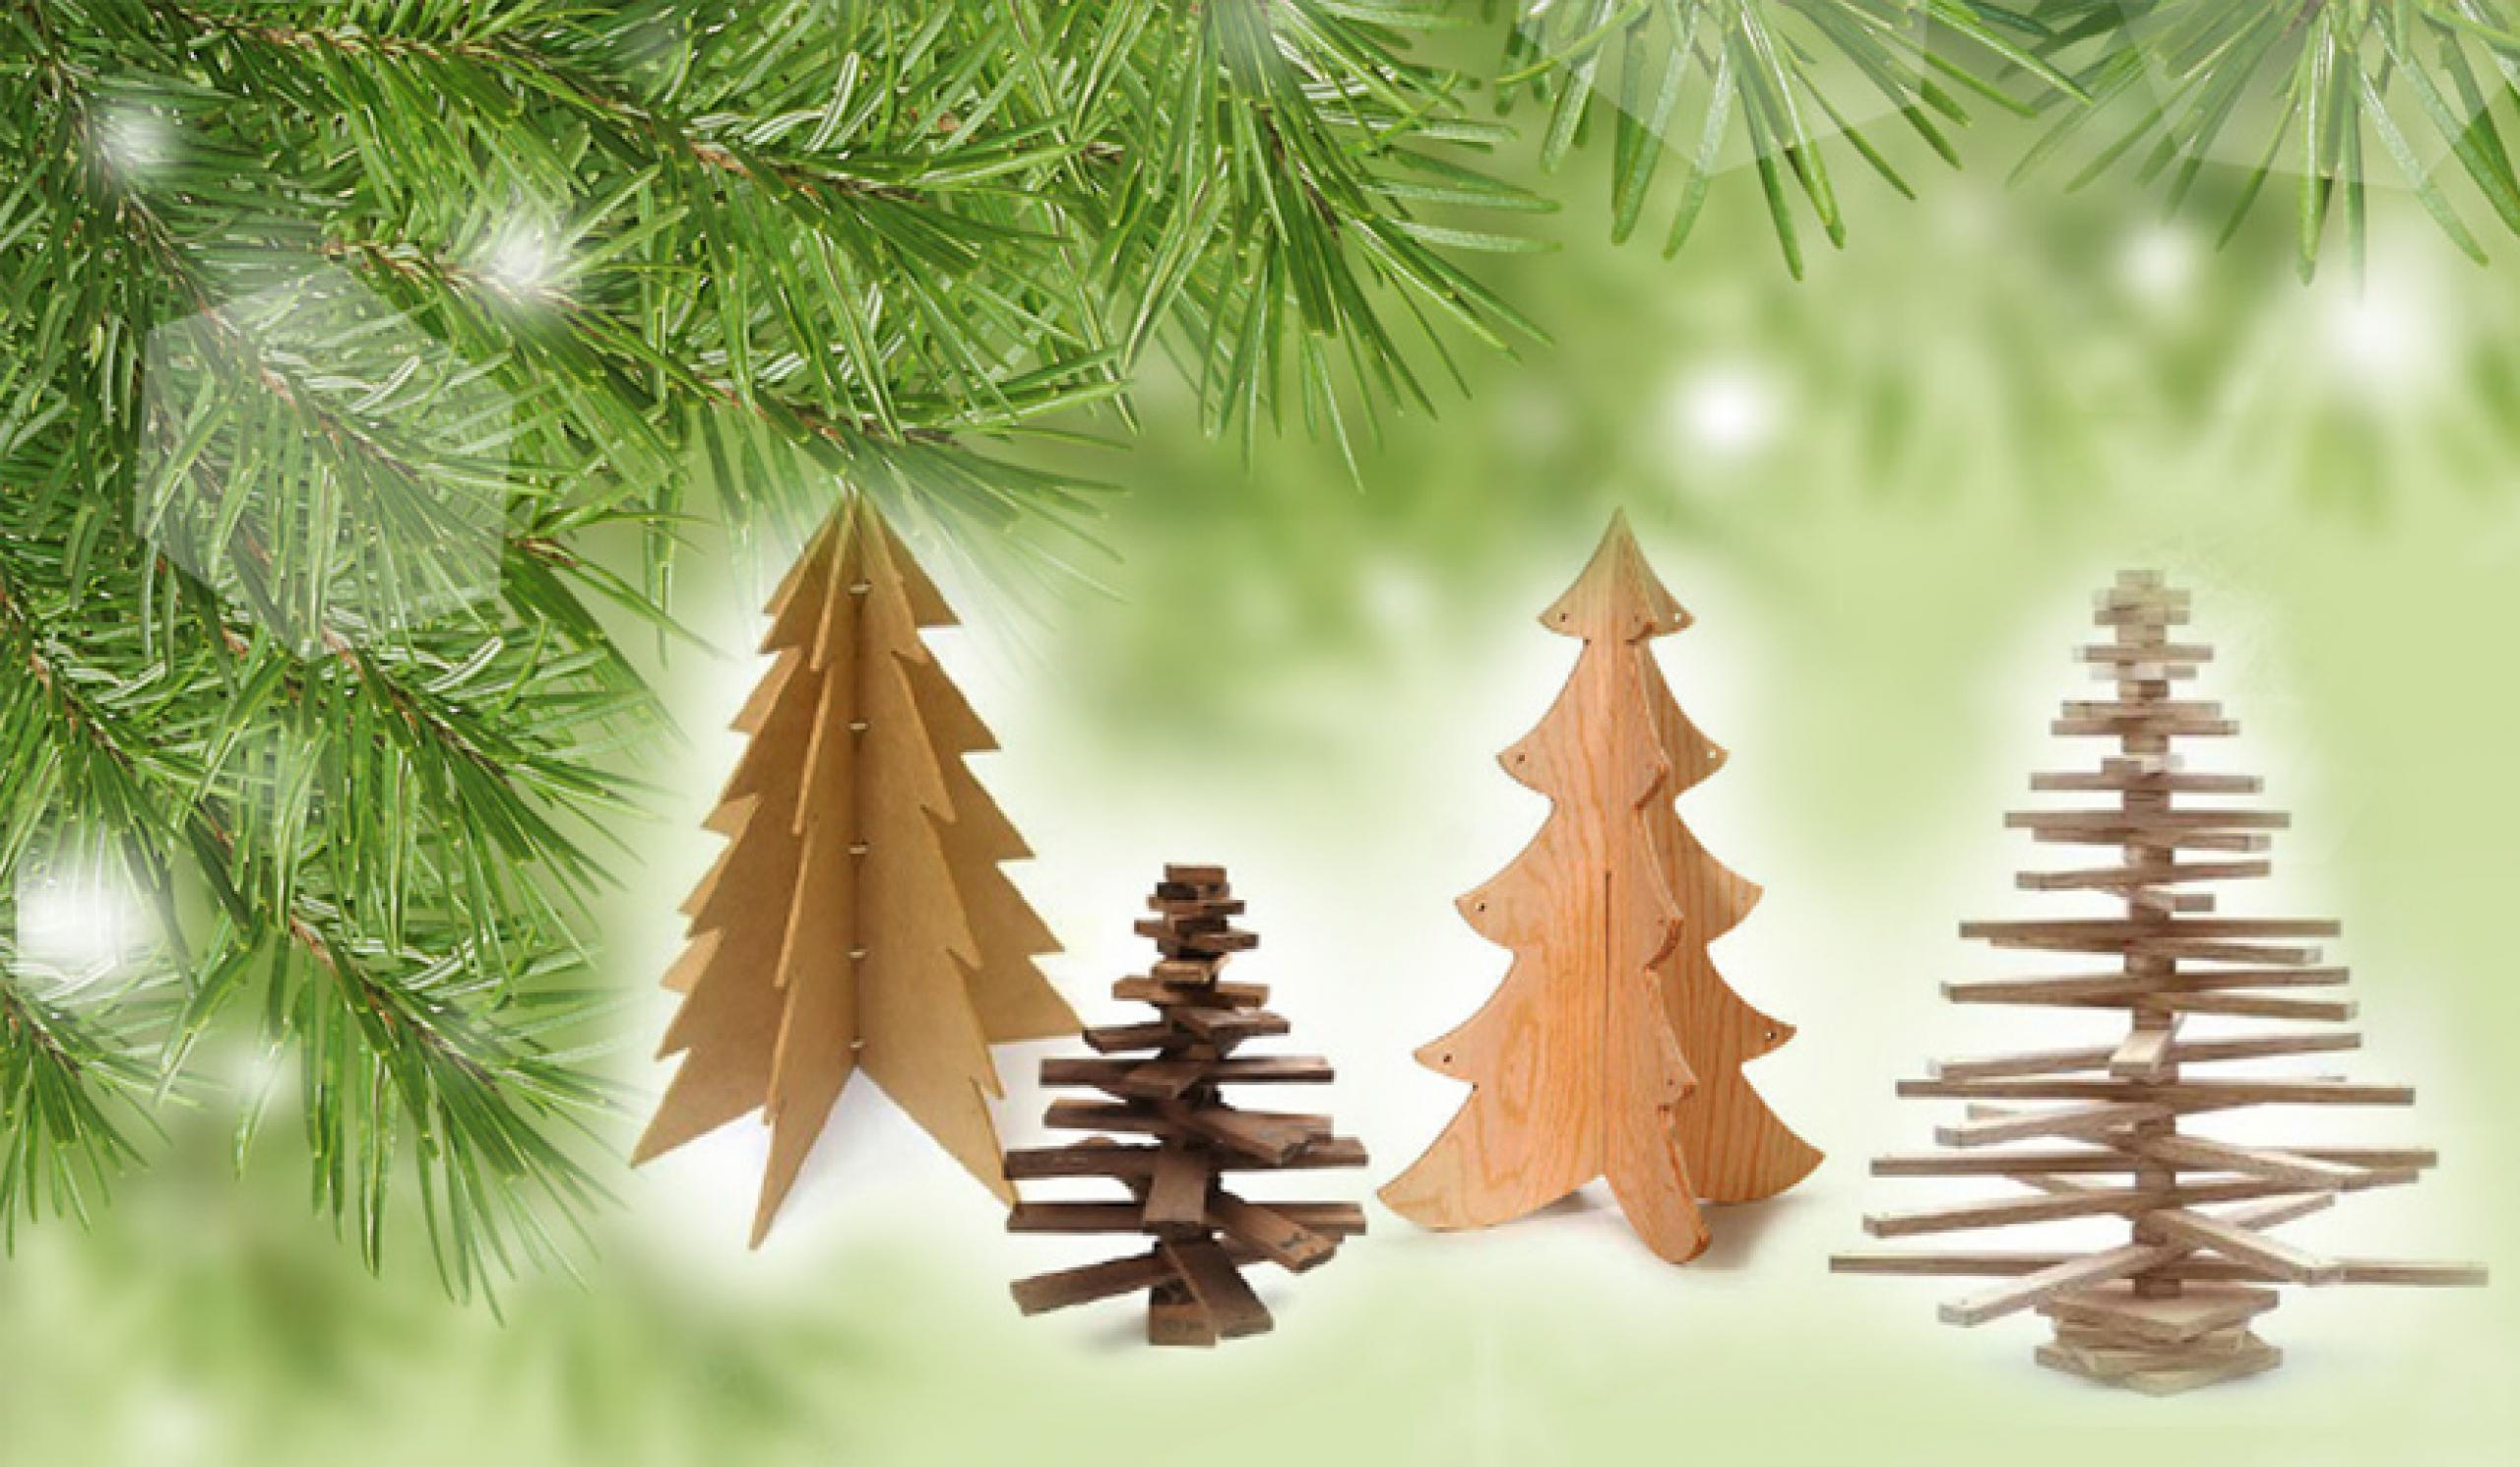 Πώς να φτιάξετε ένα ξύλινο χριστουγεννιάτικο δέντρο